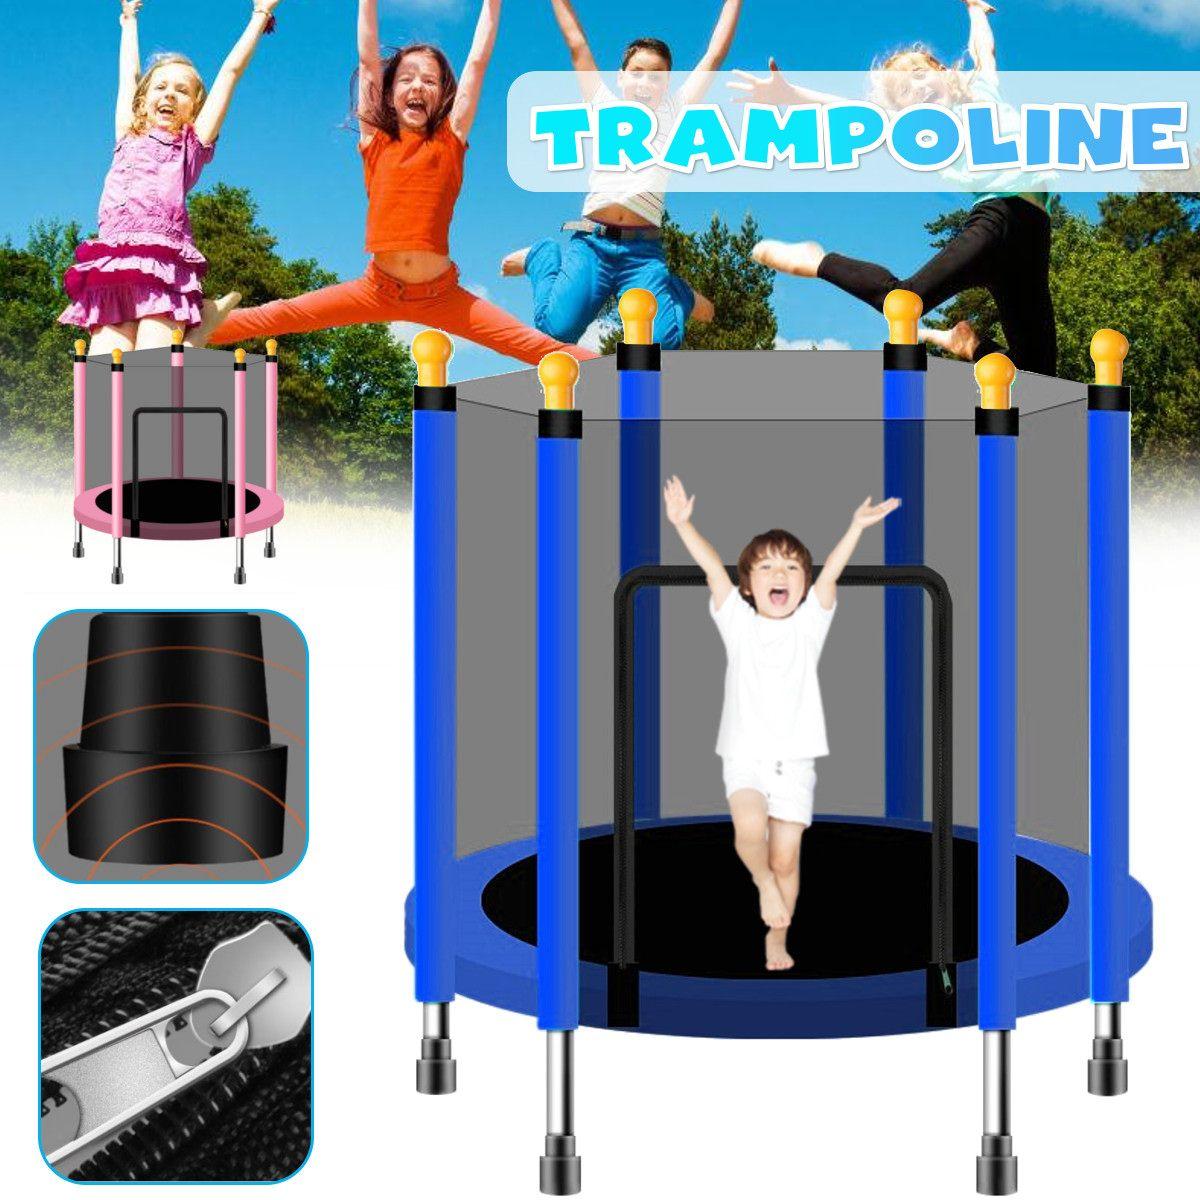 20cm/20 zoll Baby Kinder Home Indoor Trampolin Springen Kind Fitness Übung  Mit Schutz Net Bett Im Freien Bett